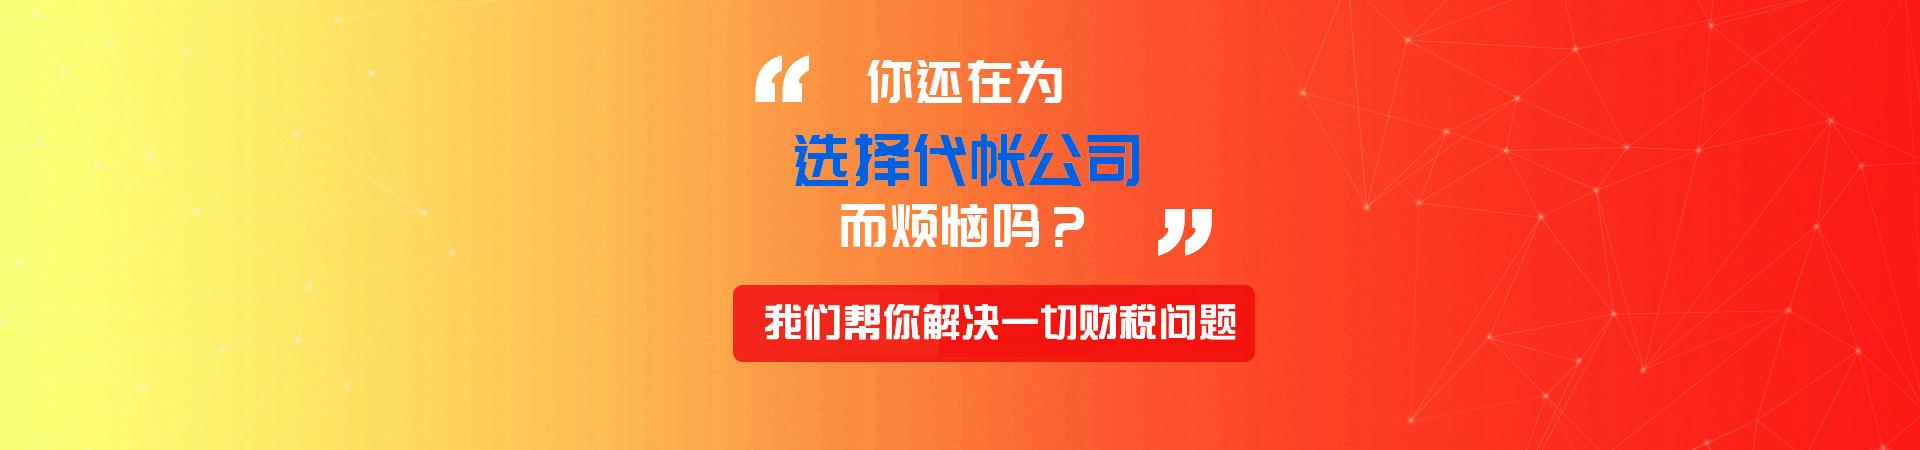 武清公司注册注销记账报税税务注销品质服务